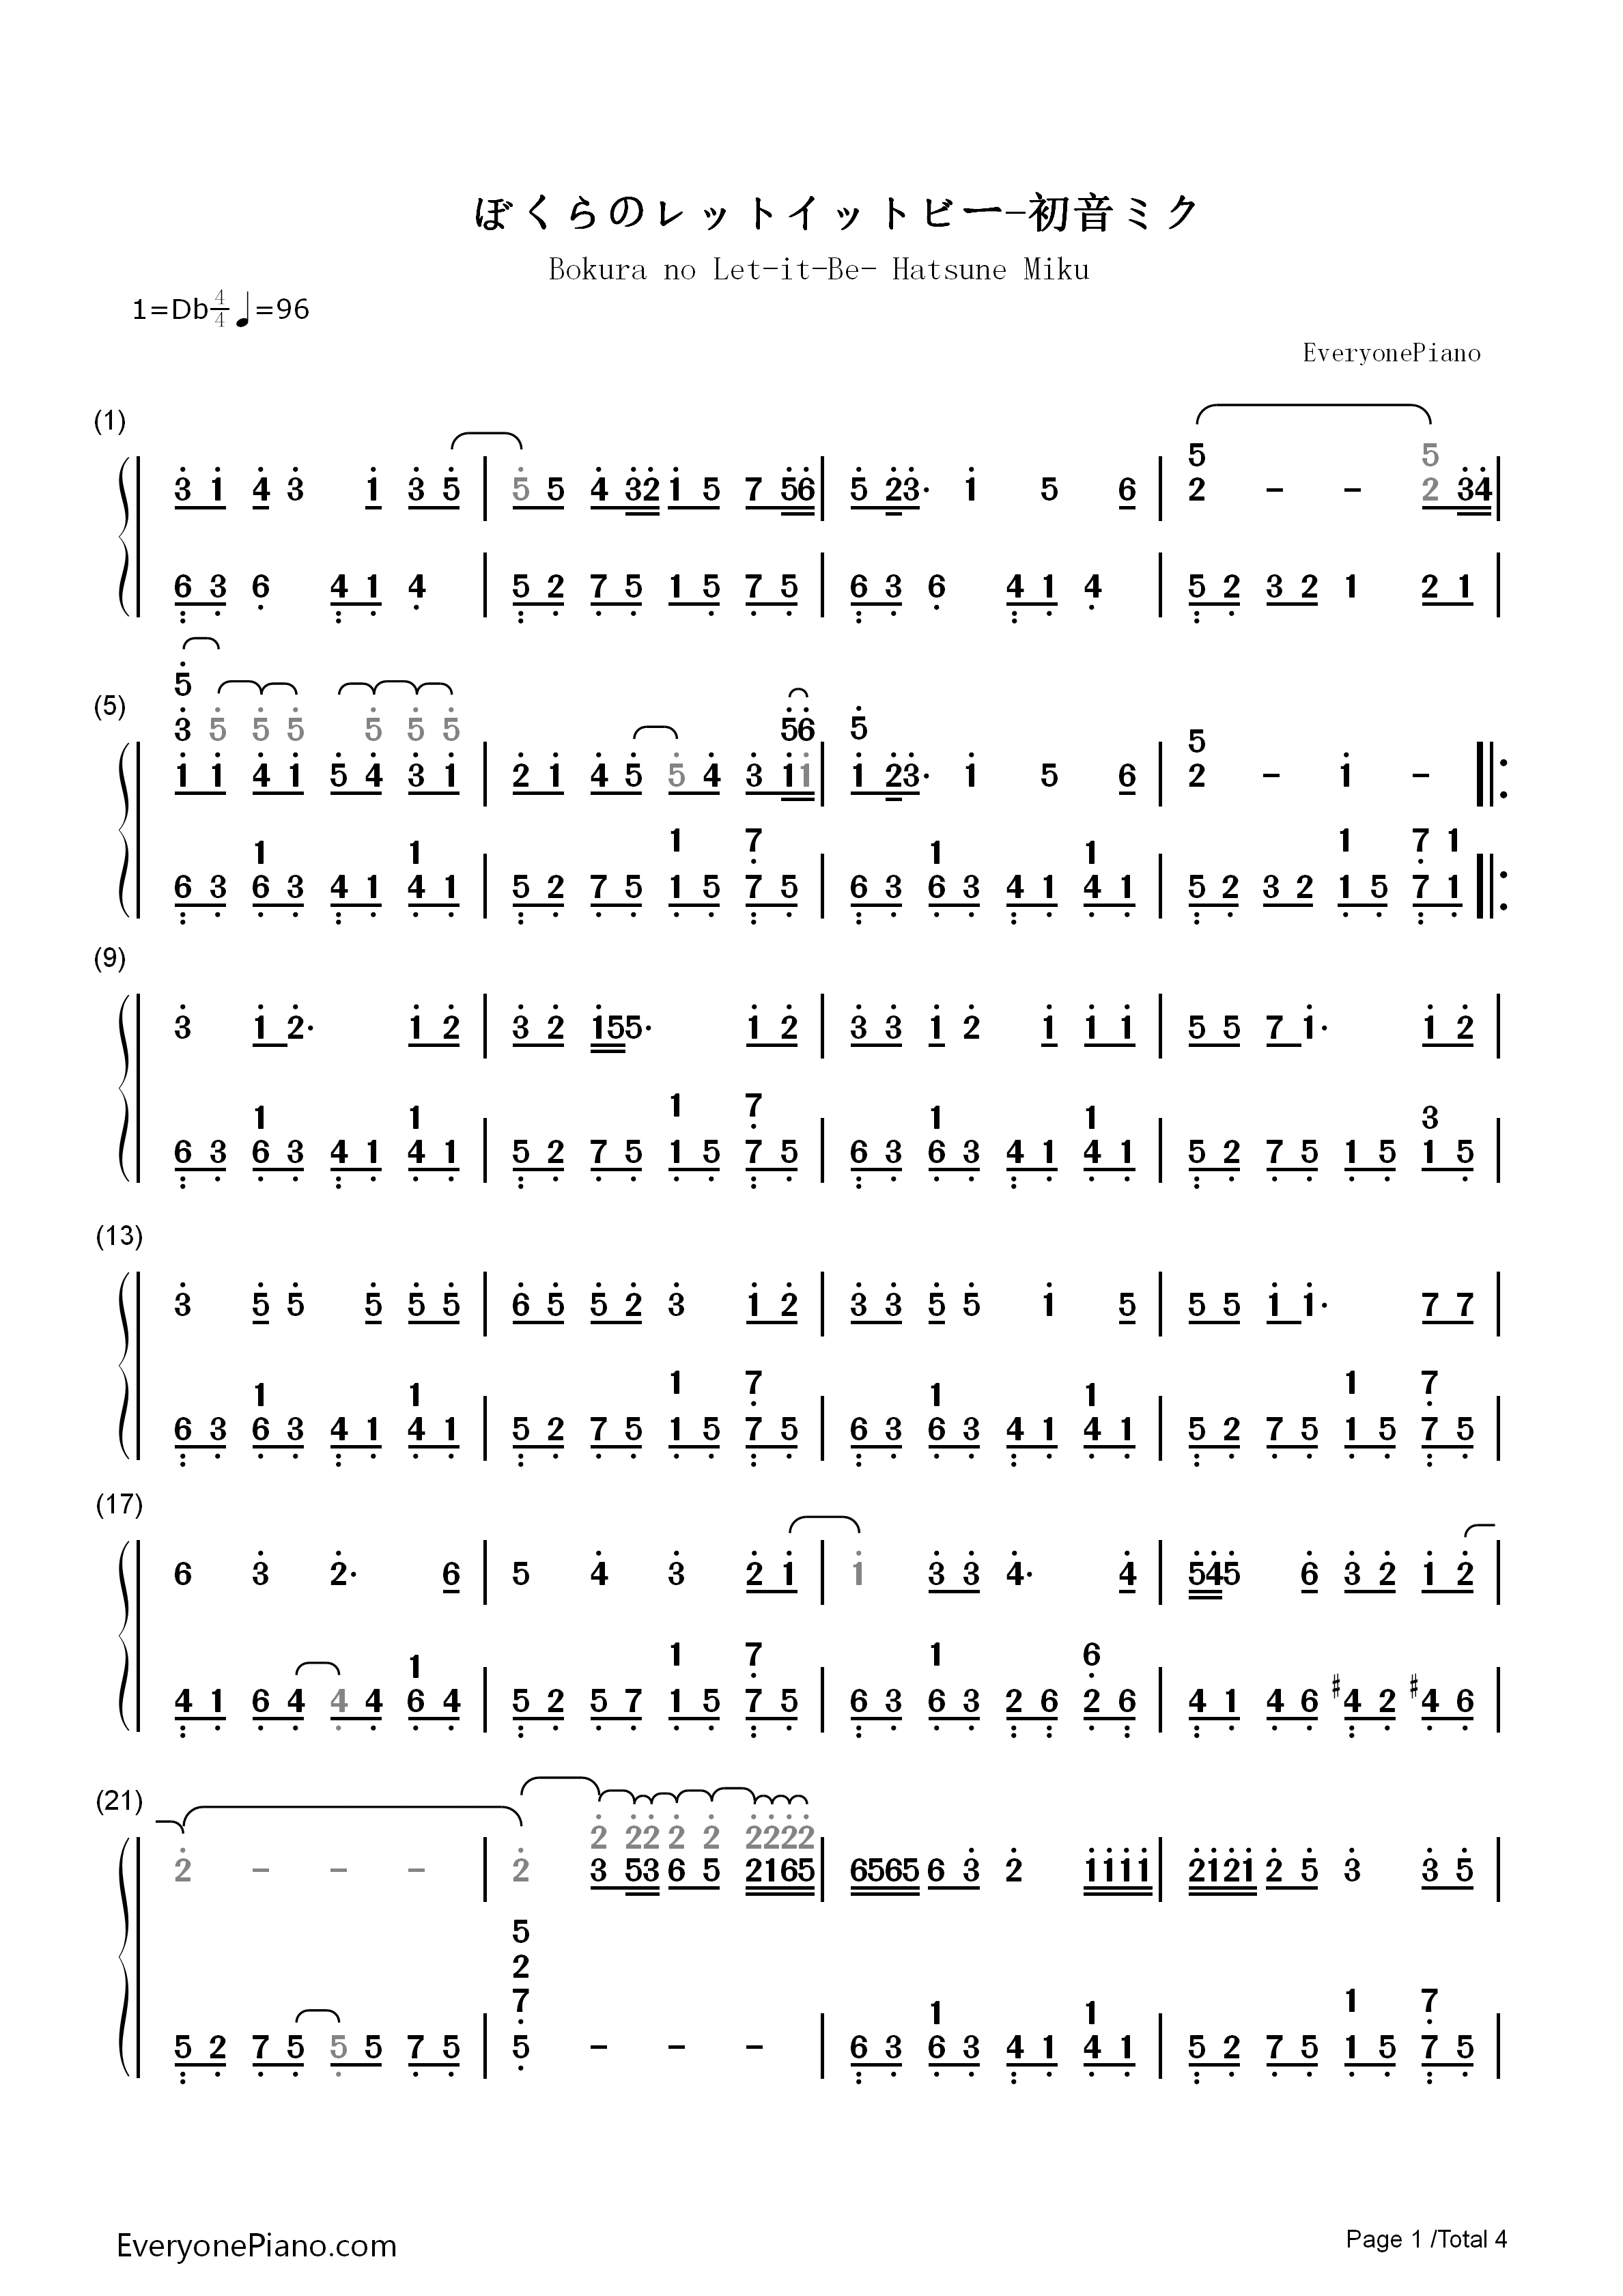 ぼくらのレットイットビー-初音未来双手简谱预览